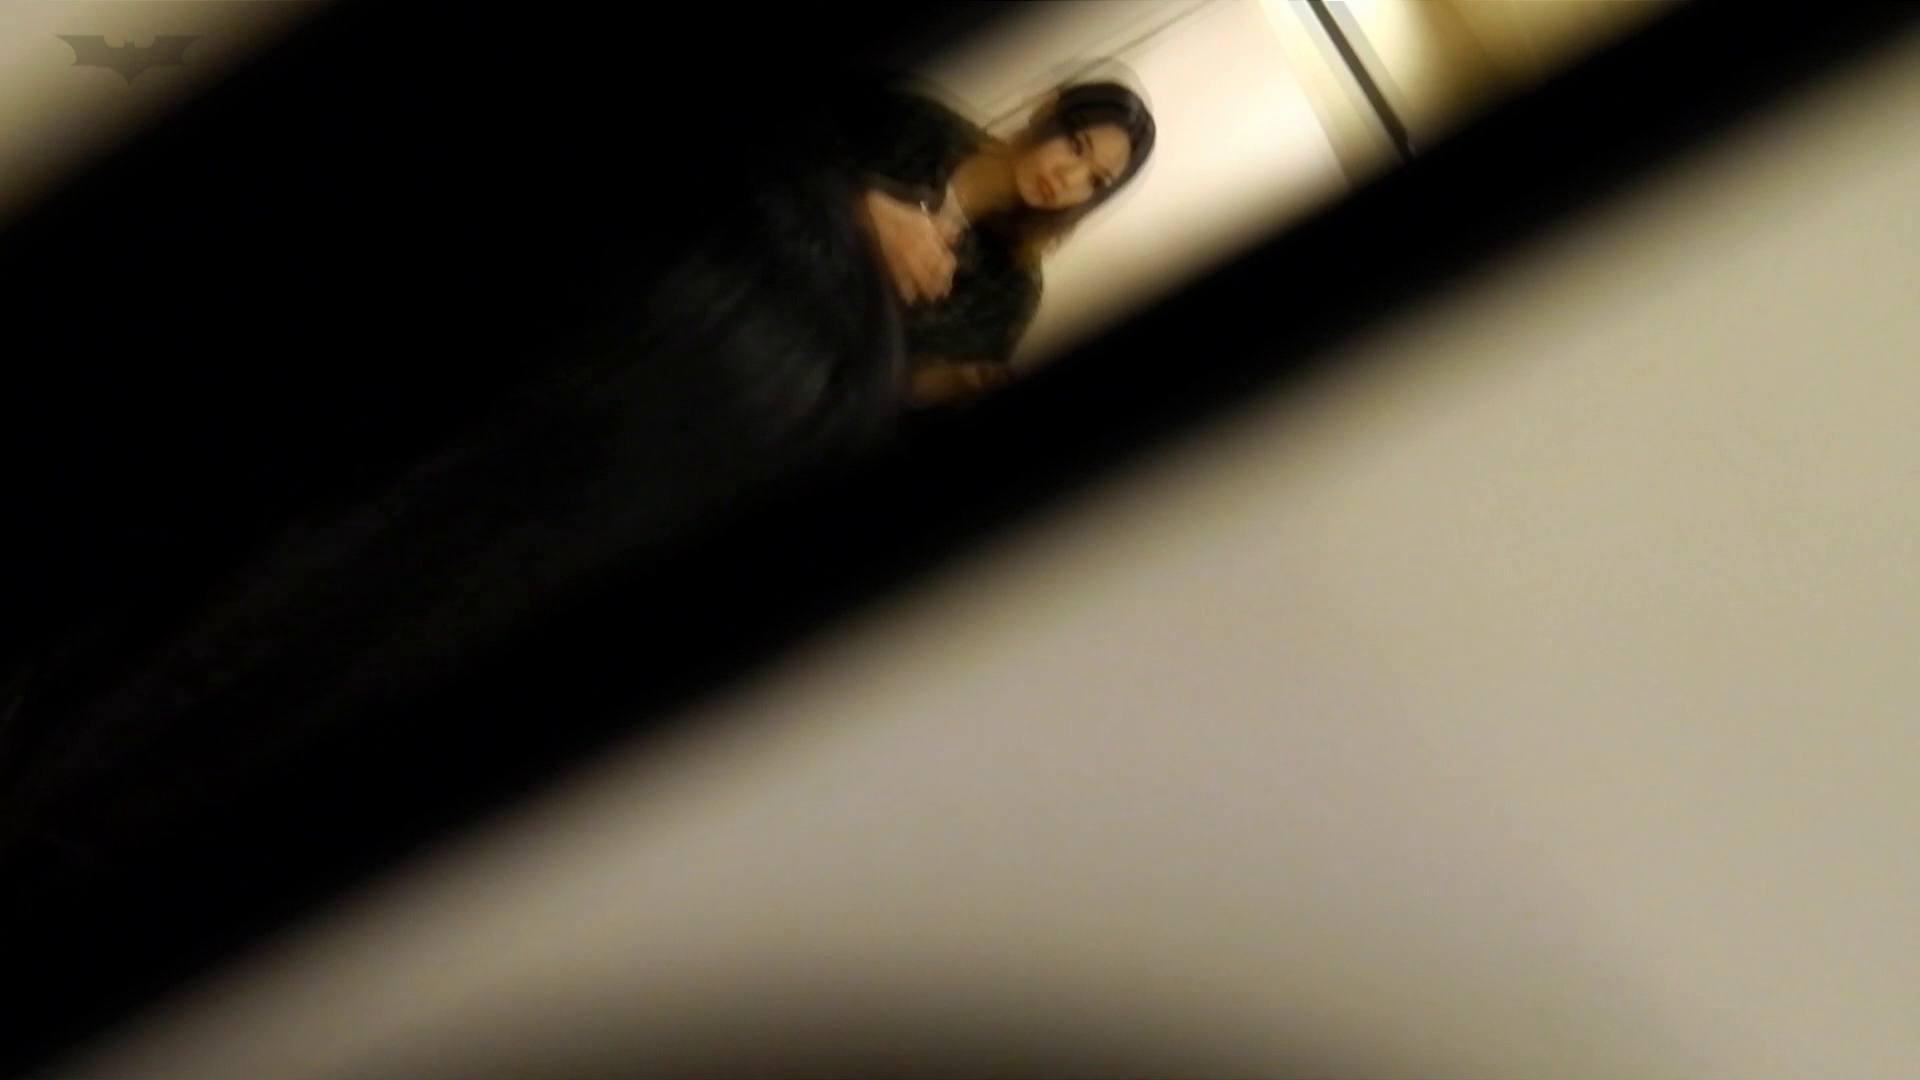 新世界の射窓 No72 モデル級なら個室から飛び出て追っかけます 洗面所のぞき オマンコ動画キャプチャ 108枚 88